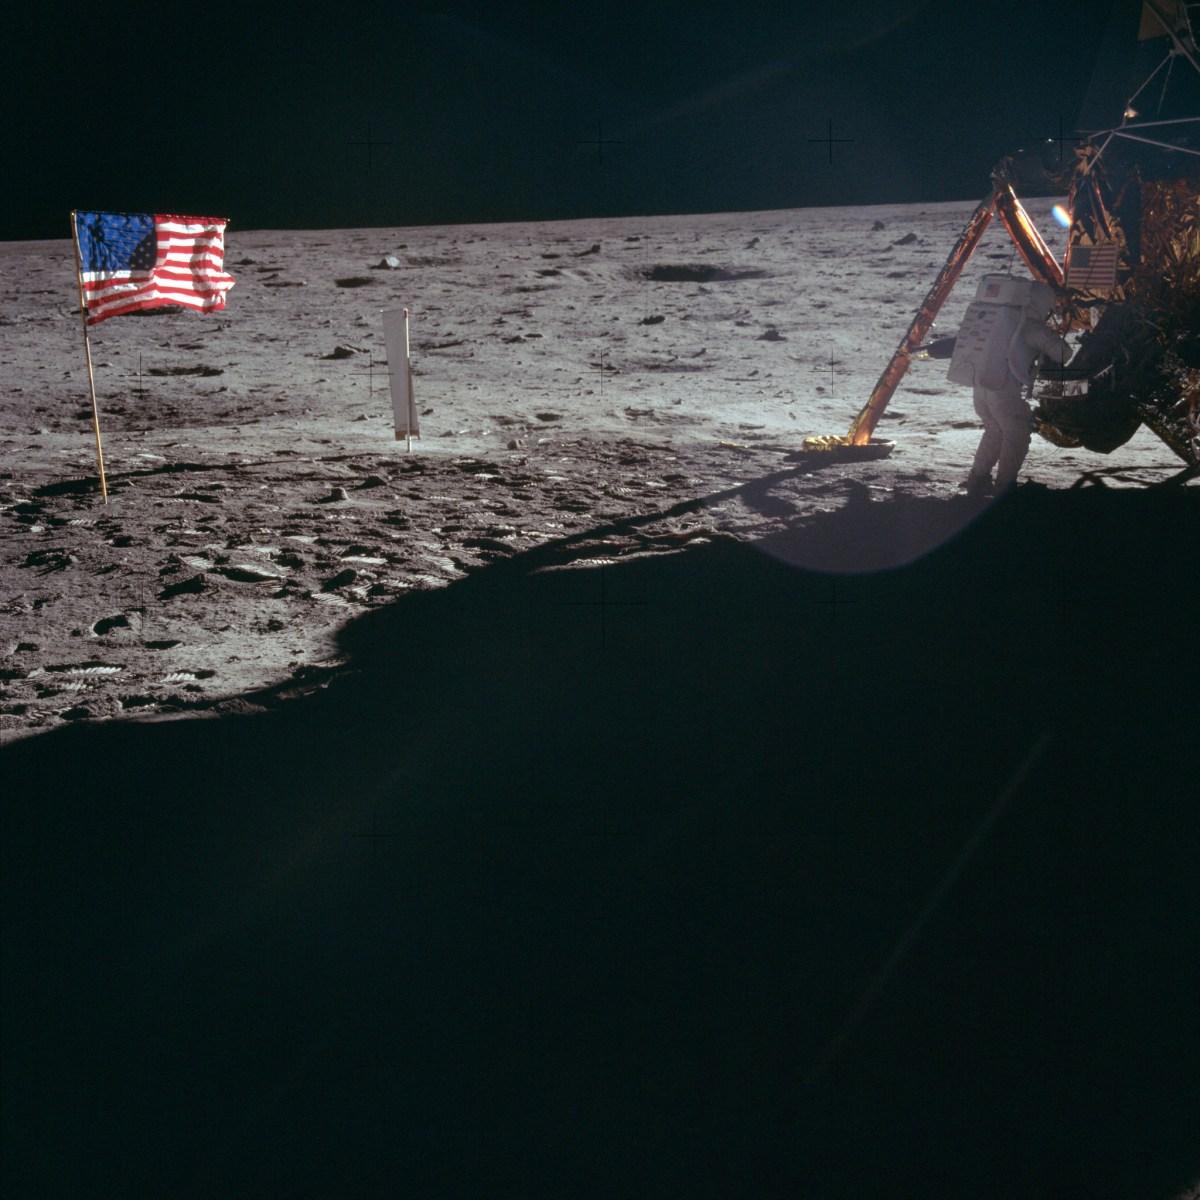 Astronaute Neil A. Armstrong, commandant mission Apollo 11, ombre portée du module lunaire (LM) et drapeau américain dans la lumière solaire, Lune © NASA - as11-40-5886 - 20 Juillet 1969